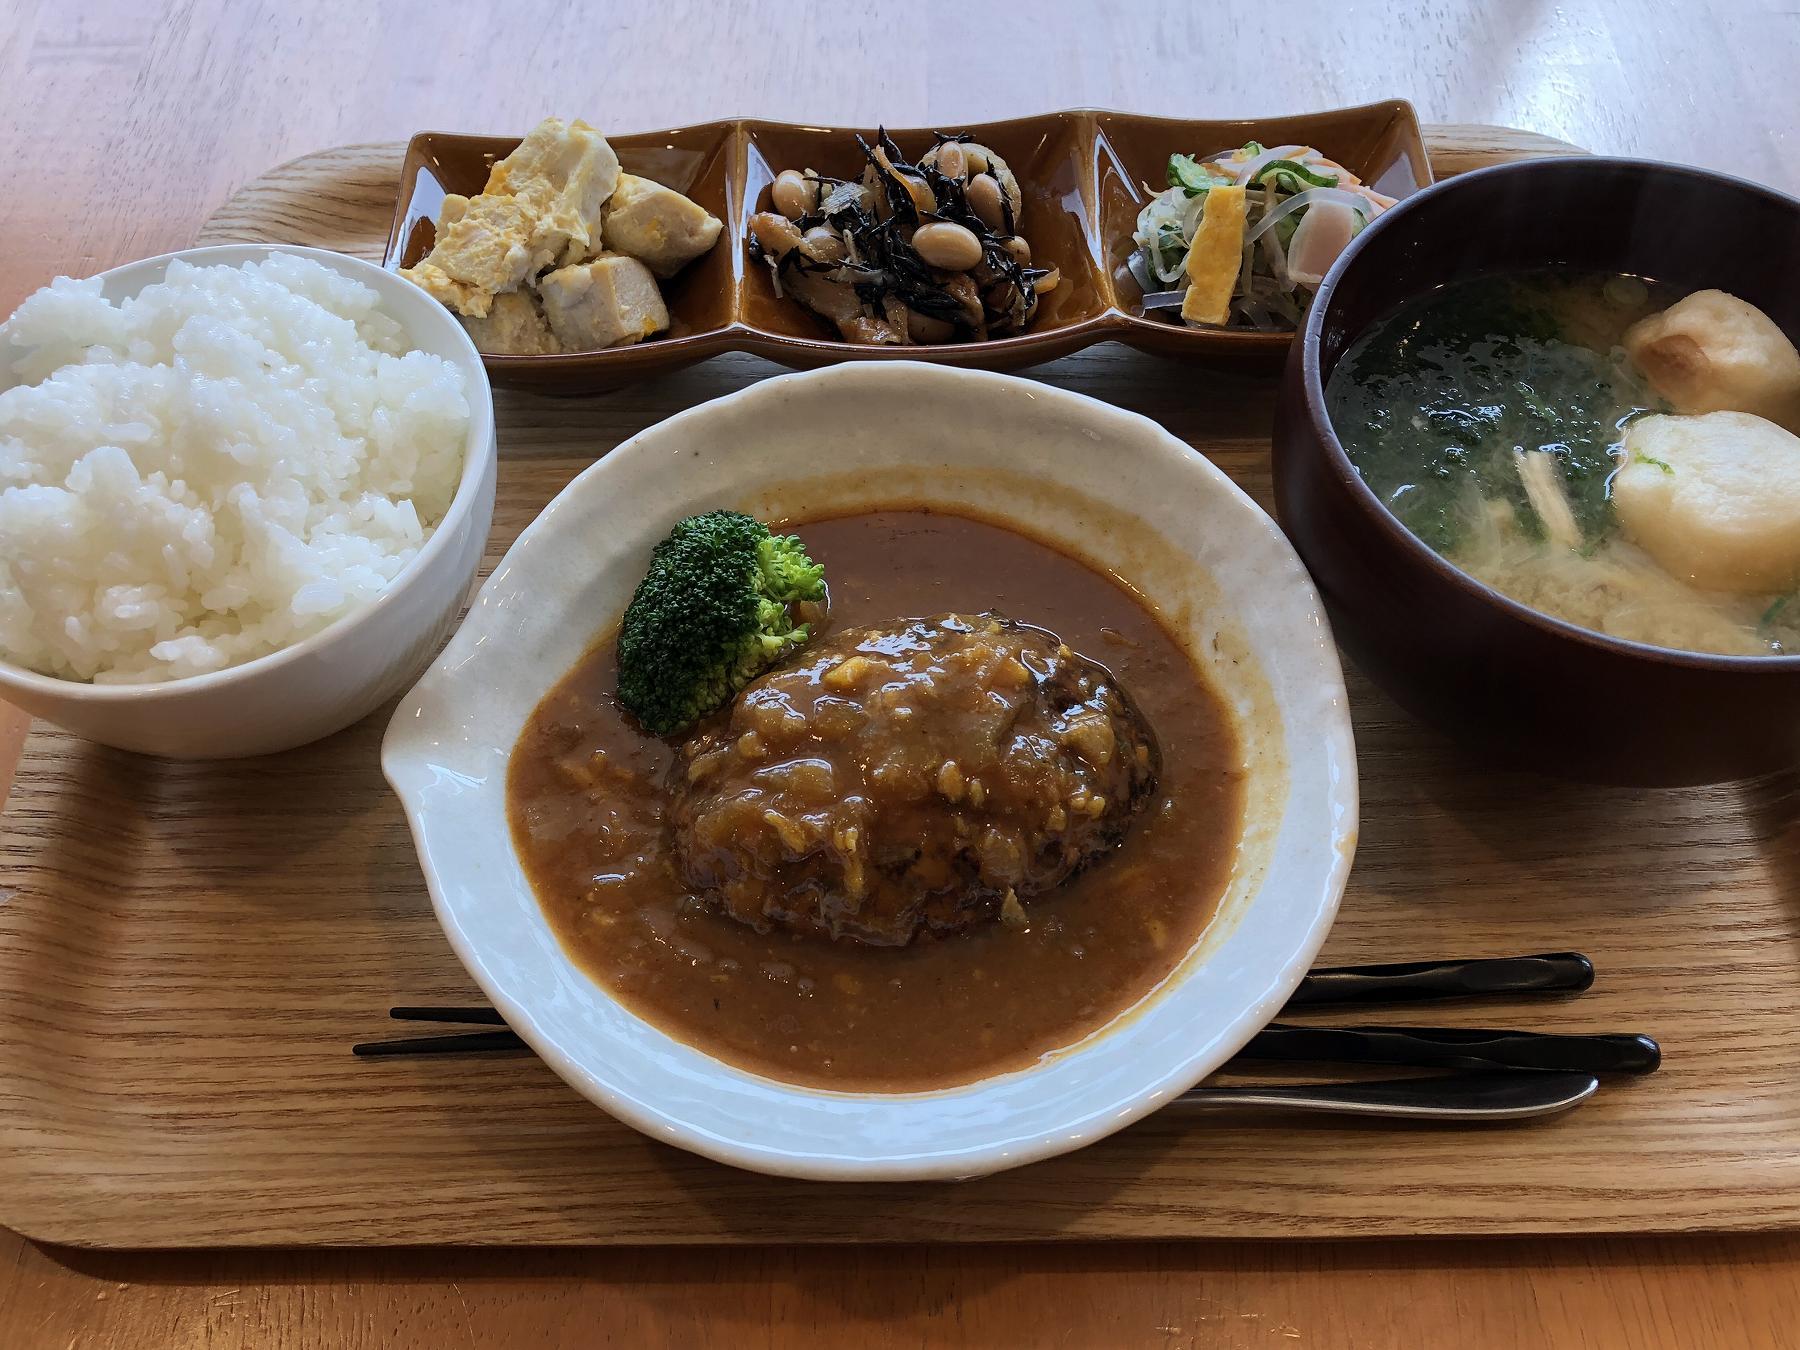 神戸・岡本商店街にある金曜の「なるみ食堂」のハンバーグランチは最高だよ! #岡本商店街 #なるみ食堂 #阪急岡本